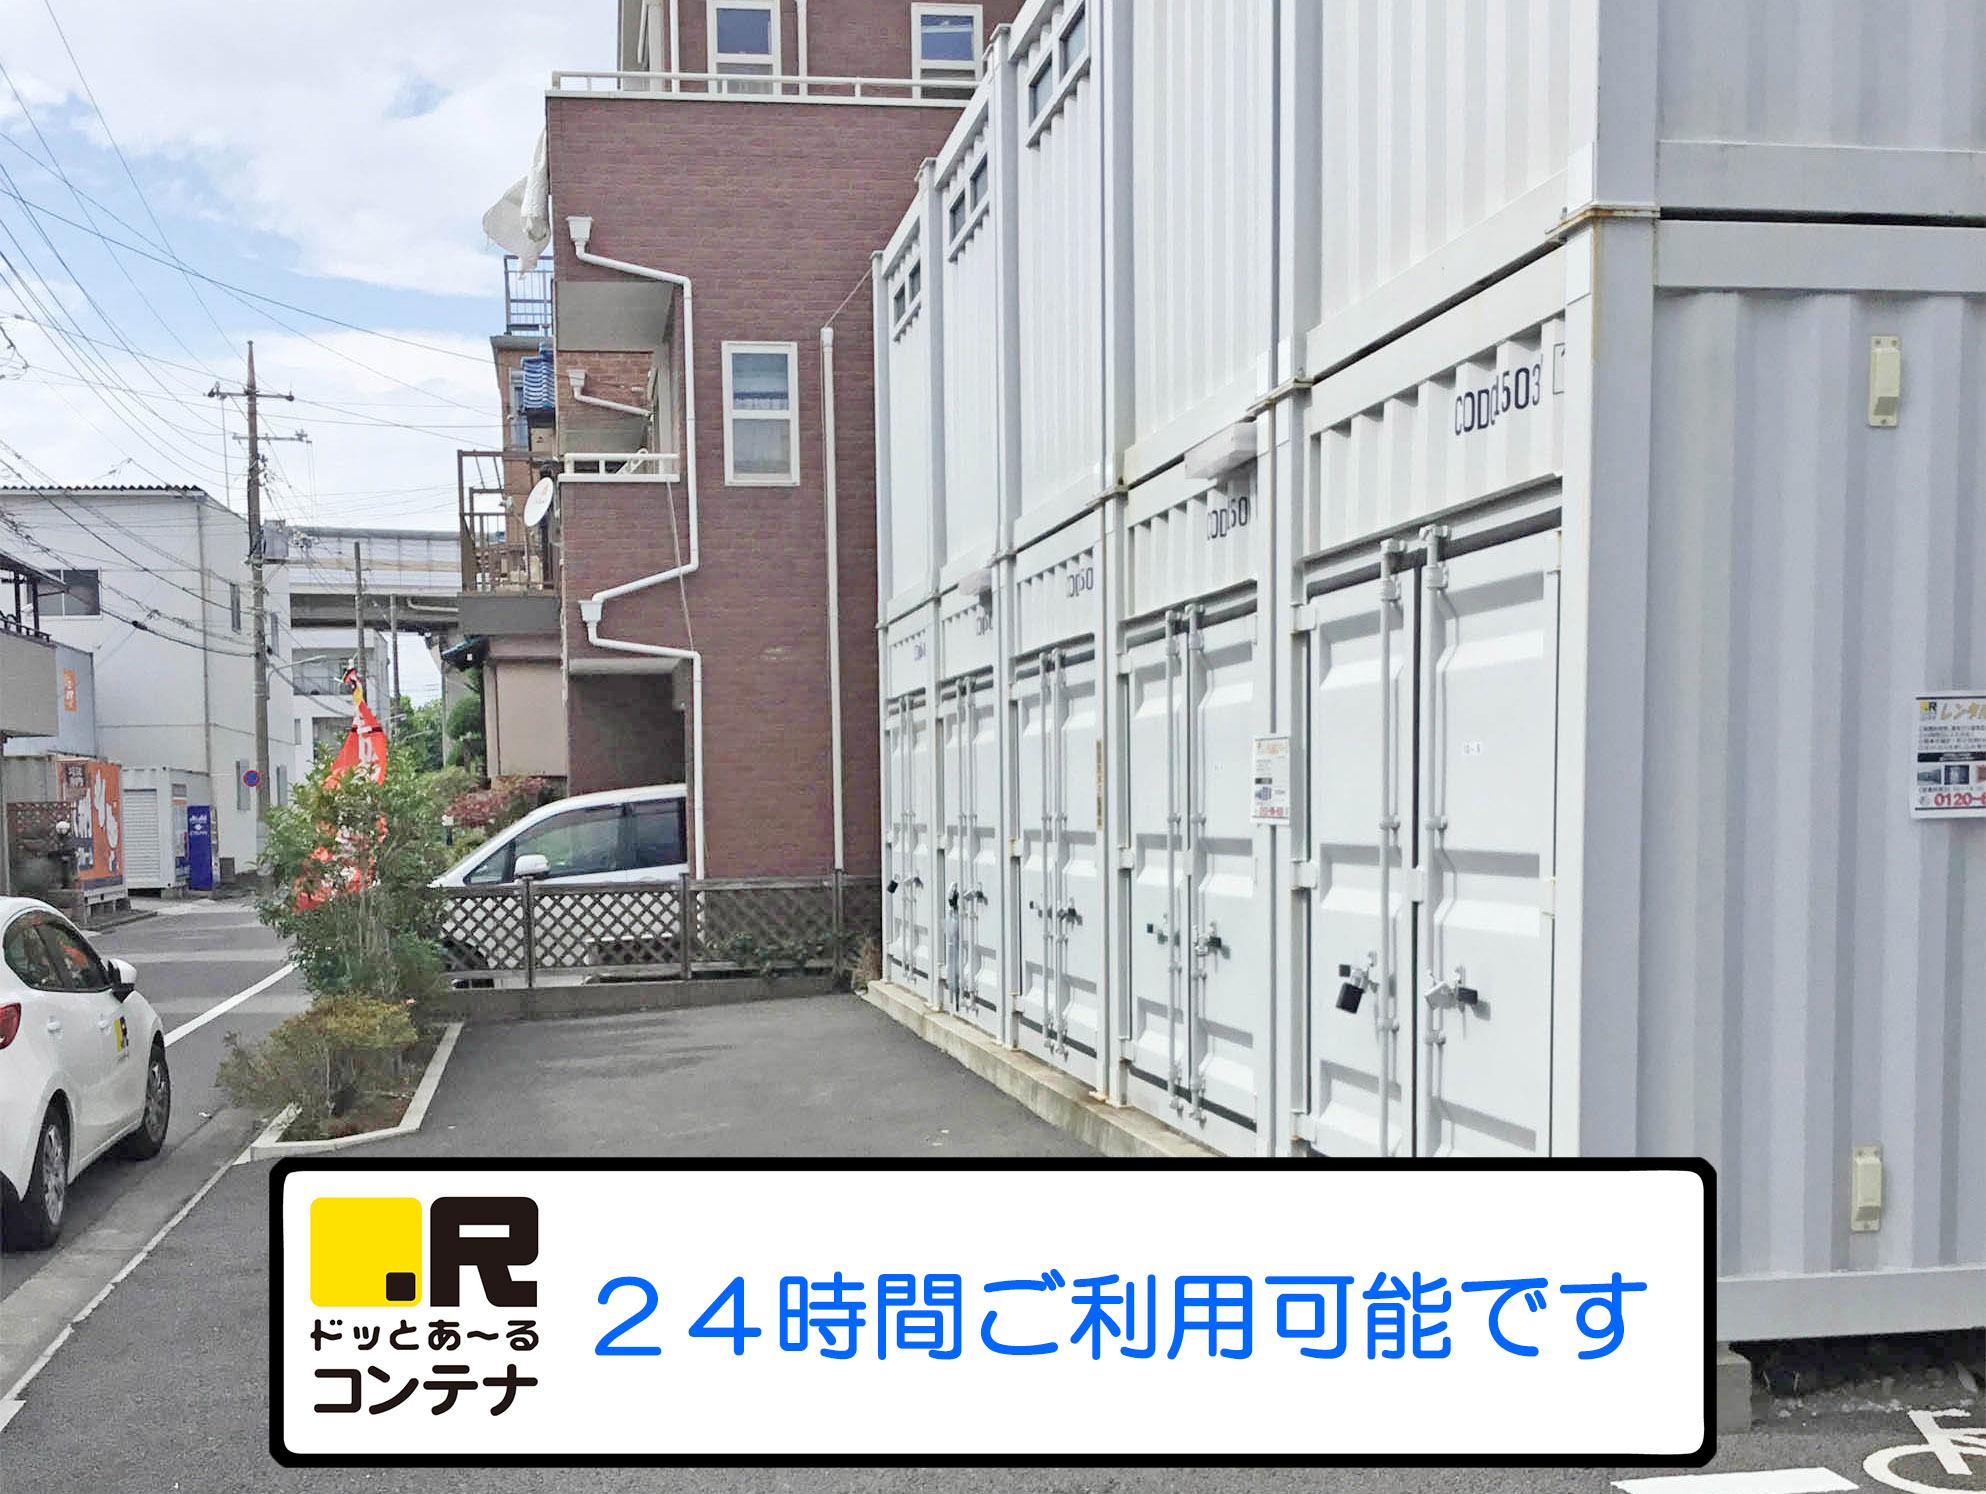 江戸川瑞江外観7